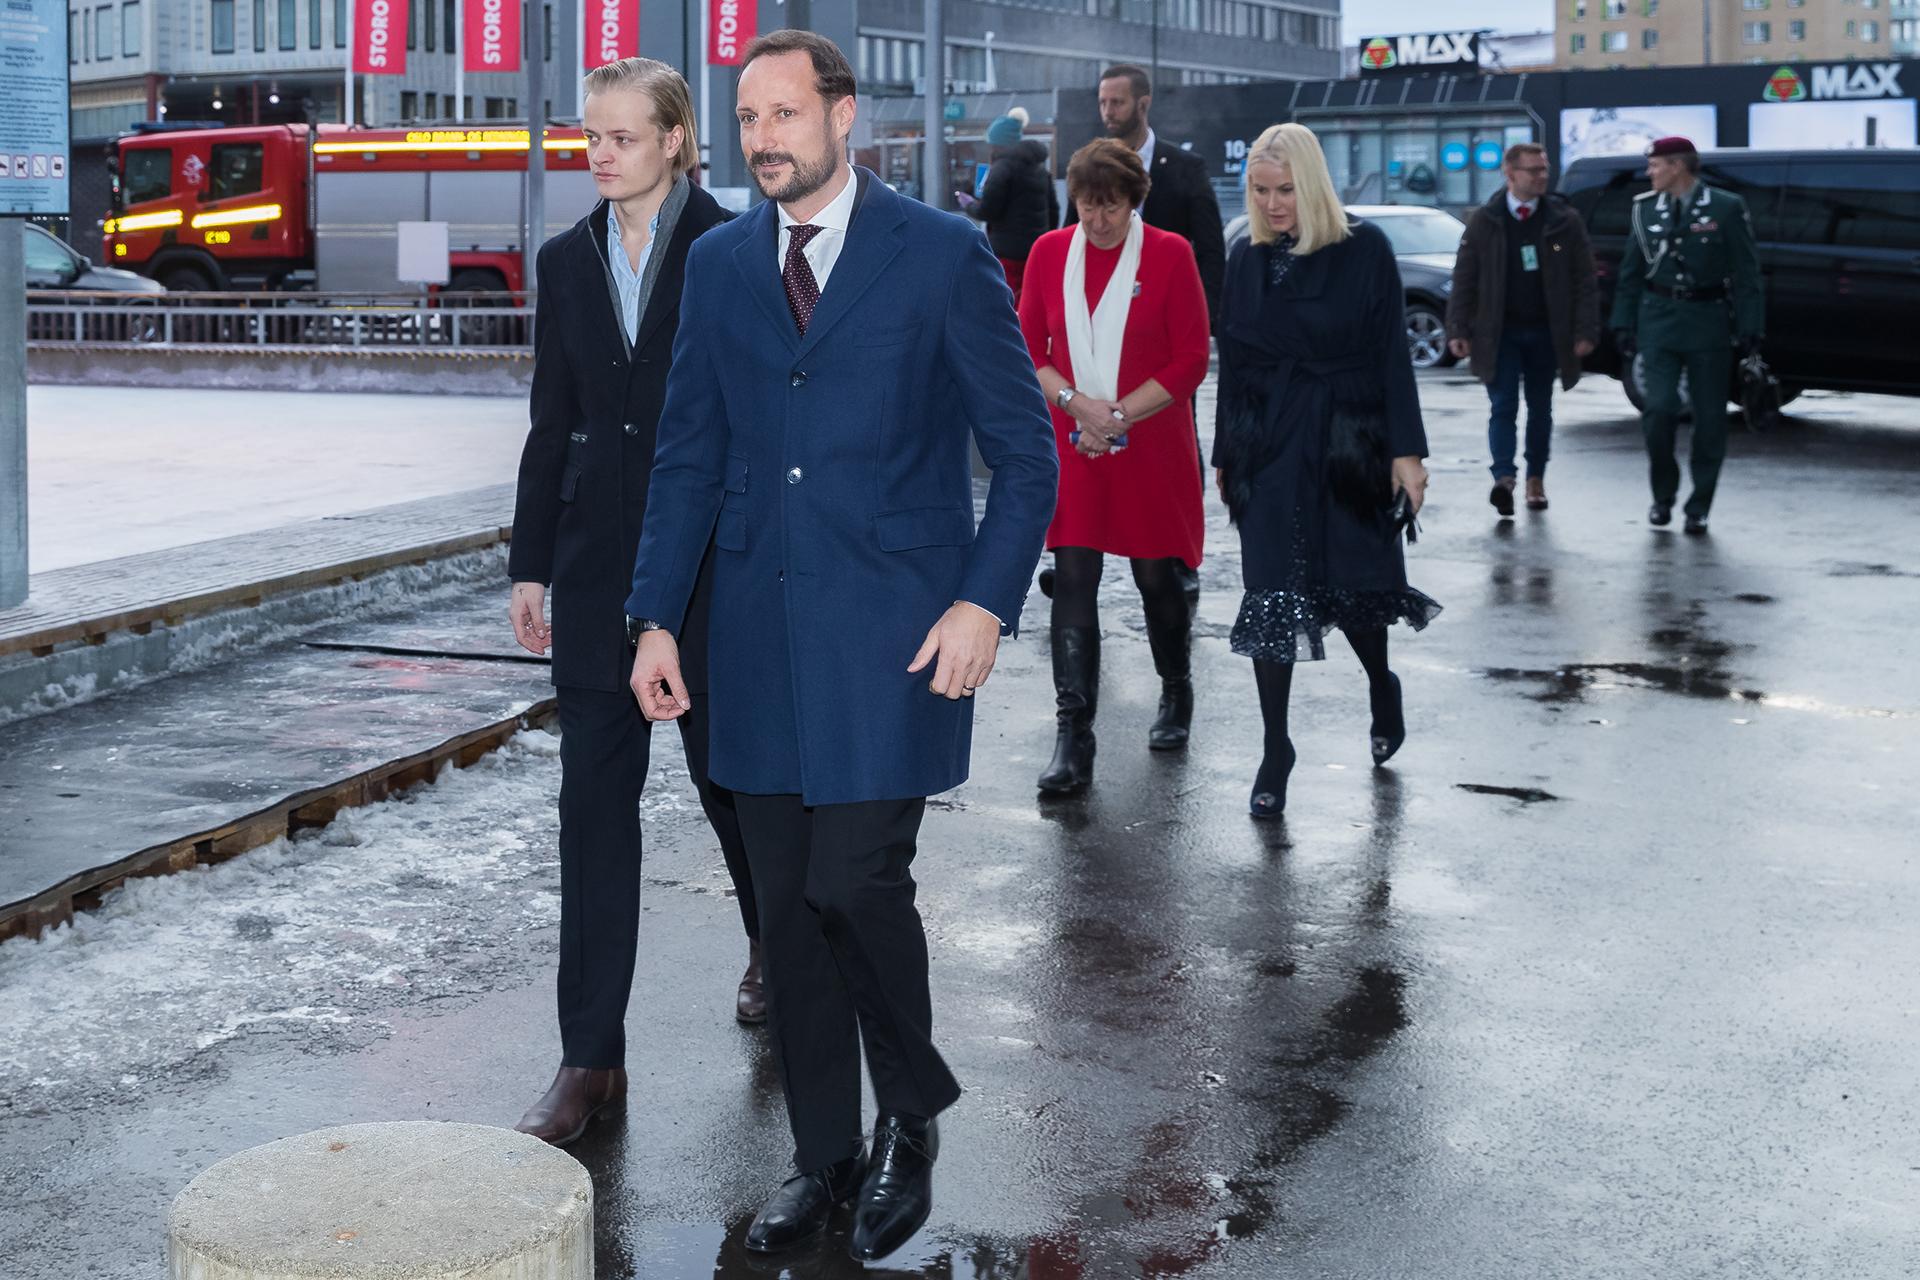 Mette-Marit llegó también en compañía de su hijo mayor, Marius Borg Hoiby, fruto de una relación anterior a su boda con el príncipe Haakon